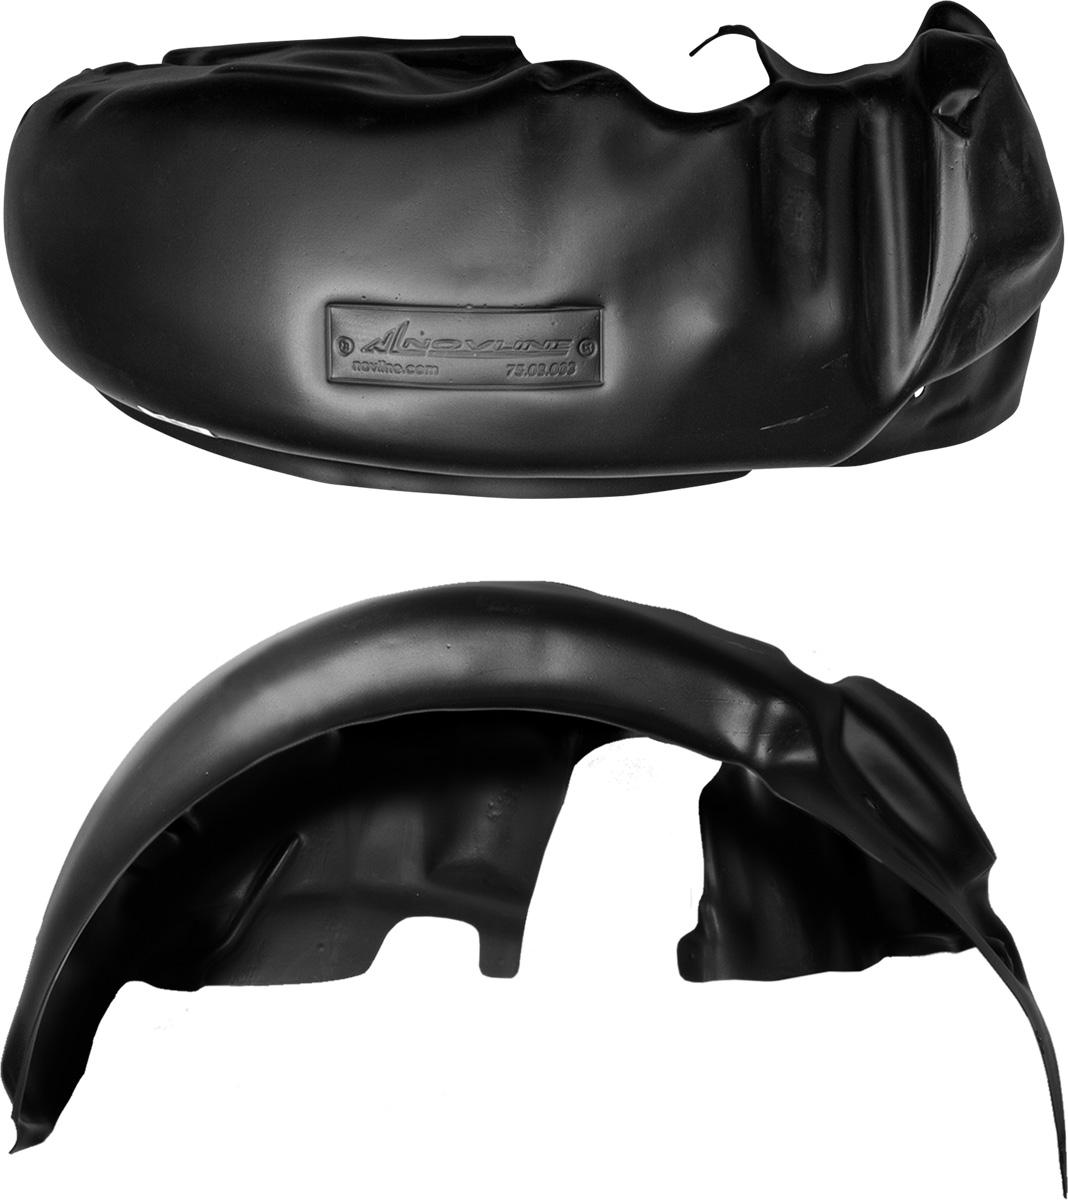 Подкрылок Novline-Autofamily, для Mitsubishi Lancer X, 03/2007->, седан, хэтчбек, передний правыйNLL.35.13.002Колесные ниши - одни из самых уязвимых зон днища вашего автомобиля. Они постоянно подвергаются воздействию со стороны дороги. Лучшая, почти абсолютная защита для них - специально отформованные пластиковые кожухи, которые называются подкрылками. Производятся они как для отечественных моделей автомобилей, так и для иномарок. Подкрылки Novline-Autofamily выполнены из высококачественного, экологически чистого пластика. Обеспечивают надежную защиту кузова автомобиля от пескоструйного эффекта и негативного влияния, агрессивных антигололедных реагентов. Пластик обладает более низкой теплопроводностью, чем металл, поэтому в зимний период эксплуатации использование пластиковых подкрылков позволяет лучше защитить колесные ниши от налипания снега и образования наледи. Оригинальность конструкции подчеркивает элегантность автомобиля, бережно защищает нанесенное на днище кузова антикоррозийное покрытие и позволяет осуществить крепление подкрылков внутри колесной арки практически без дополнительного крепежа и сверления, не нарушая при этом лакокрасочного покрытия, что предотвращает возникновение новых очагов коррозии. Подкрылки долговечны, обладают высокой прочностью и сохраняют заданную форму, а также все свои физико-механические характеристики в самых тяжелых климатических условиях (от -50°С до +50°С).Уважаемые клиенты!Обращаем ваше внимание, на тот факт, что подкрылок имеет форму, соответствующую модели данного автомобиля. Фото служит для визуального восприятия товара.